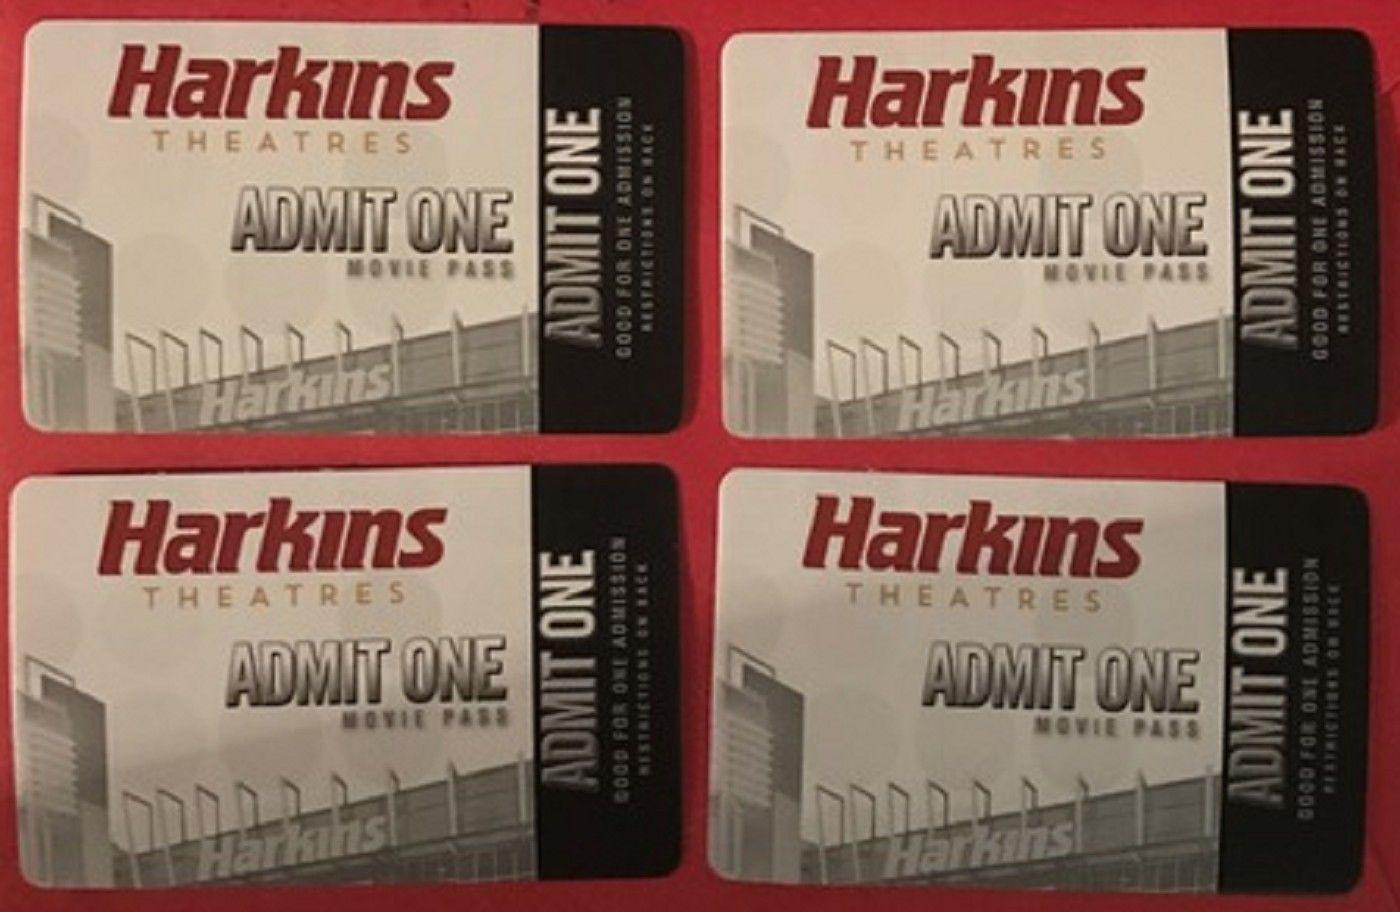 harkins theater coupons